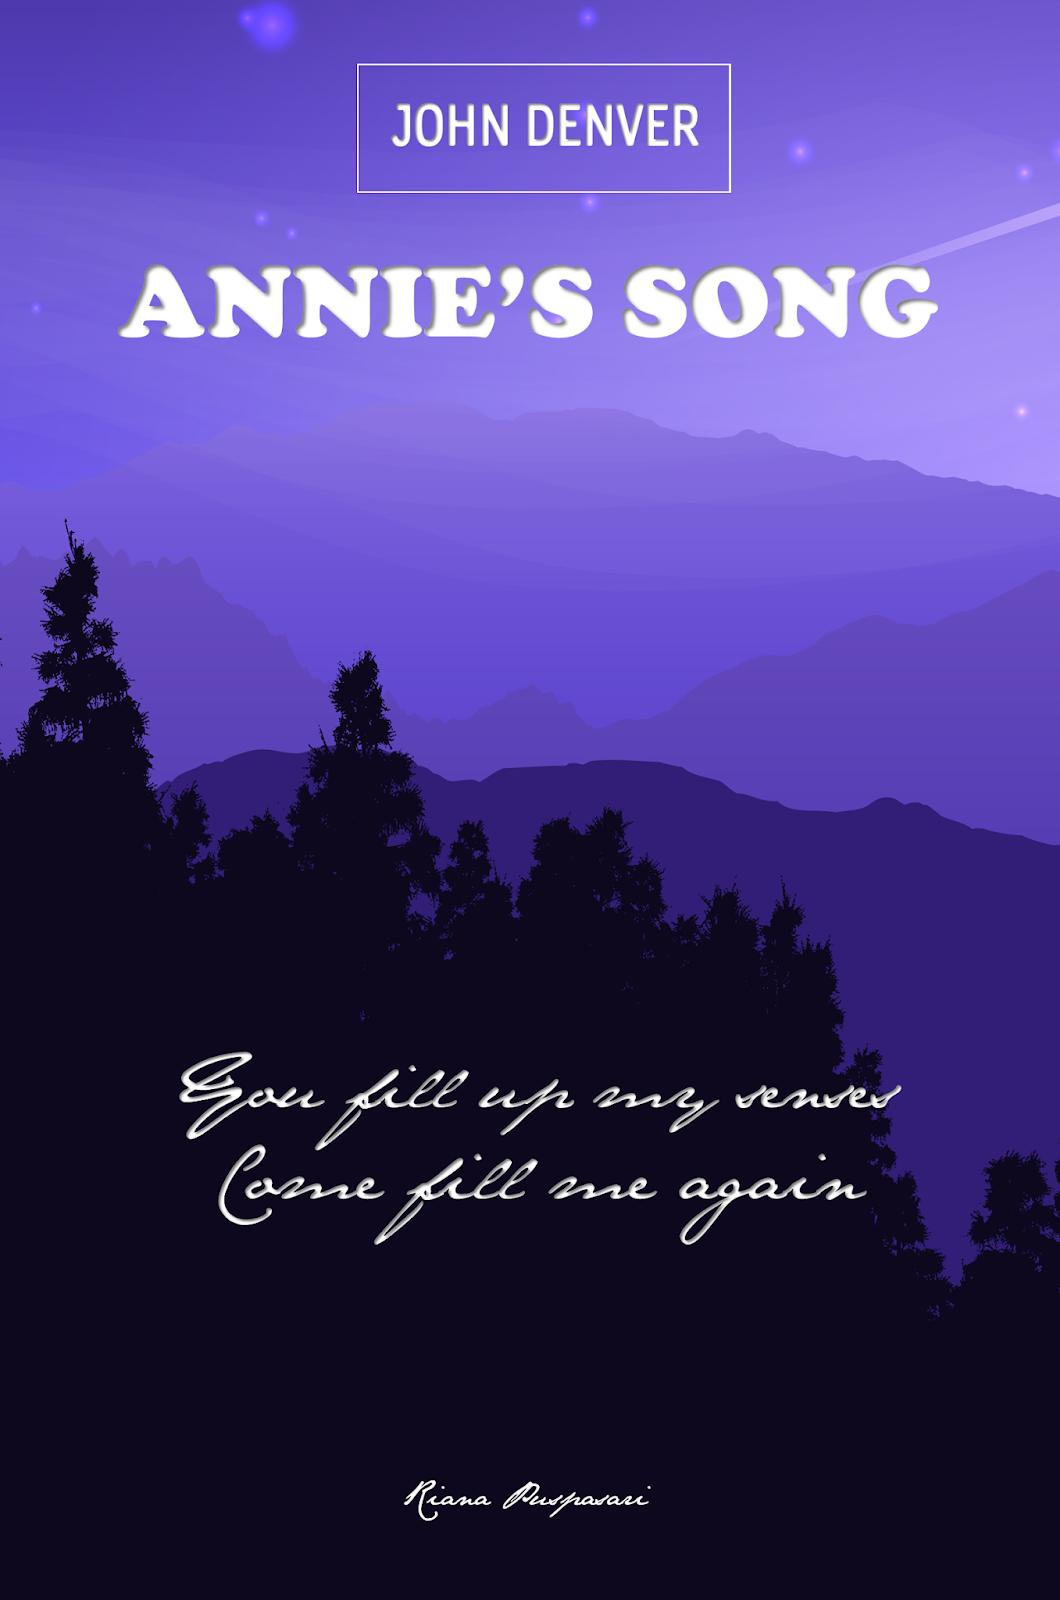 Annie's Song John Denver